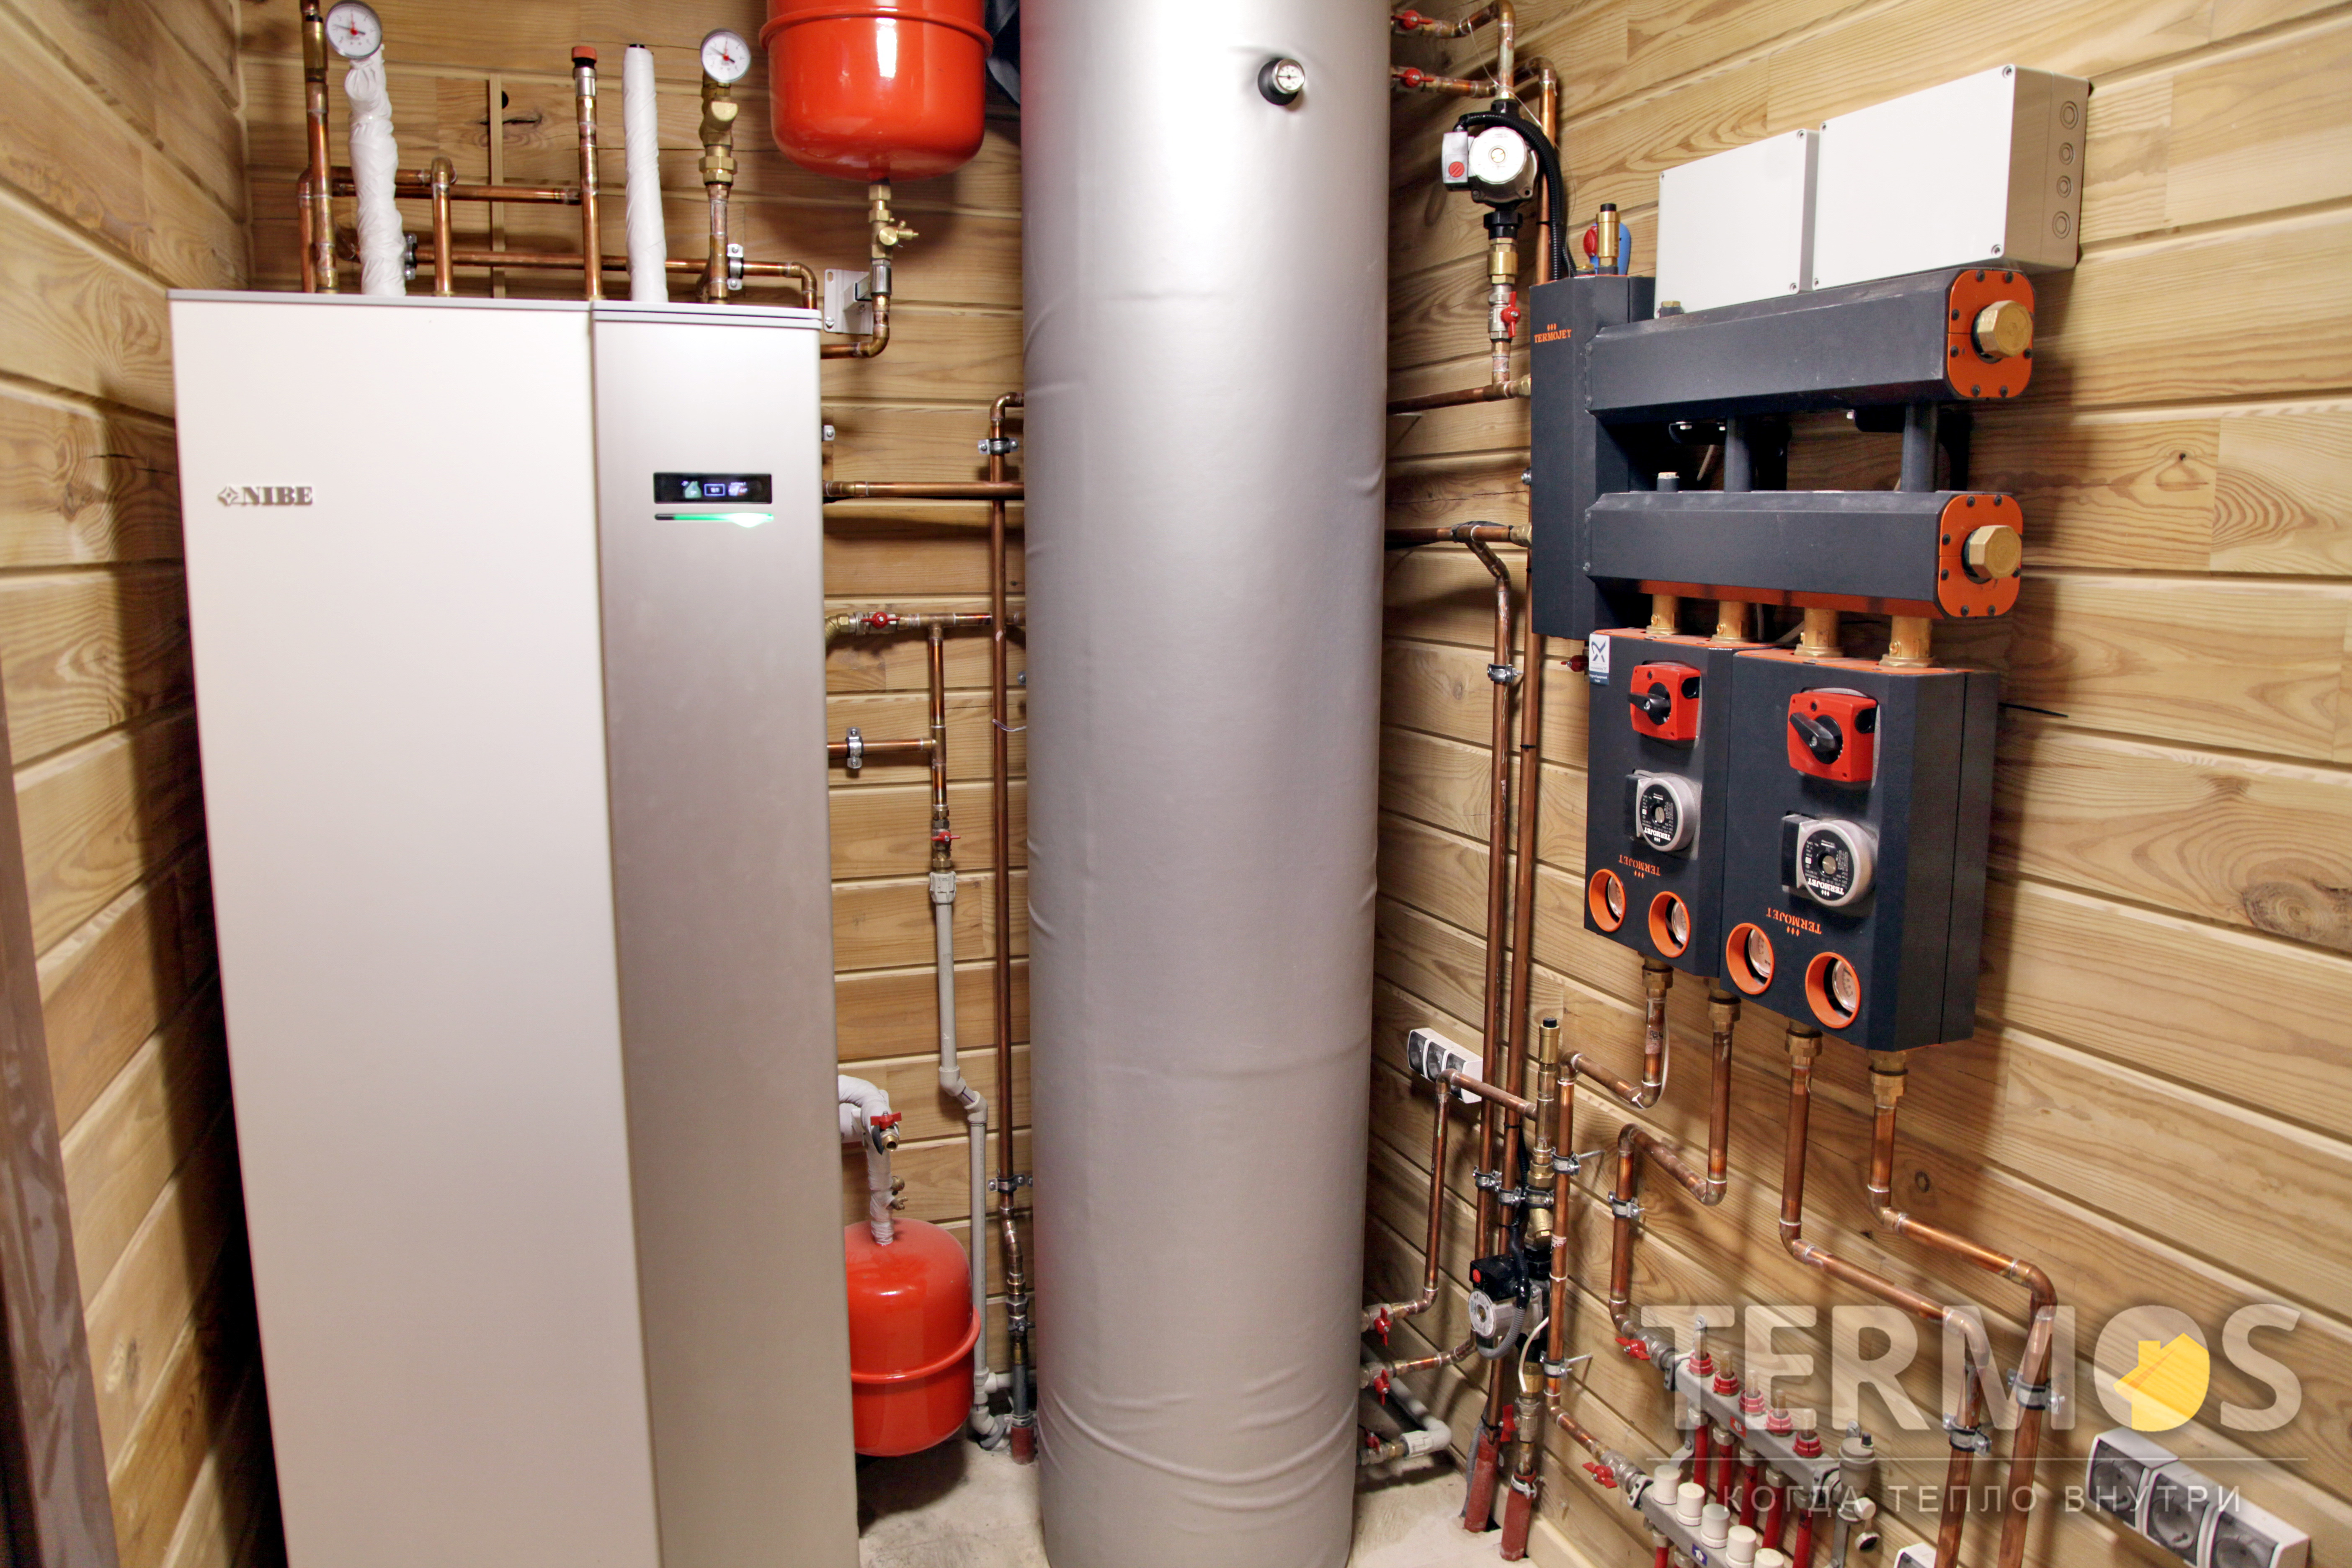 Дом из бруса 150 кв м. Тепловой насос NIBE F1245 10 кВт, с встроенным бойлером 180 л. 3 Геотермальные скважины по 90 м